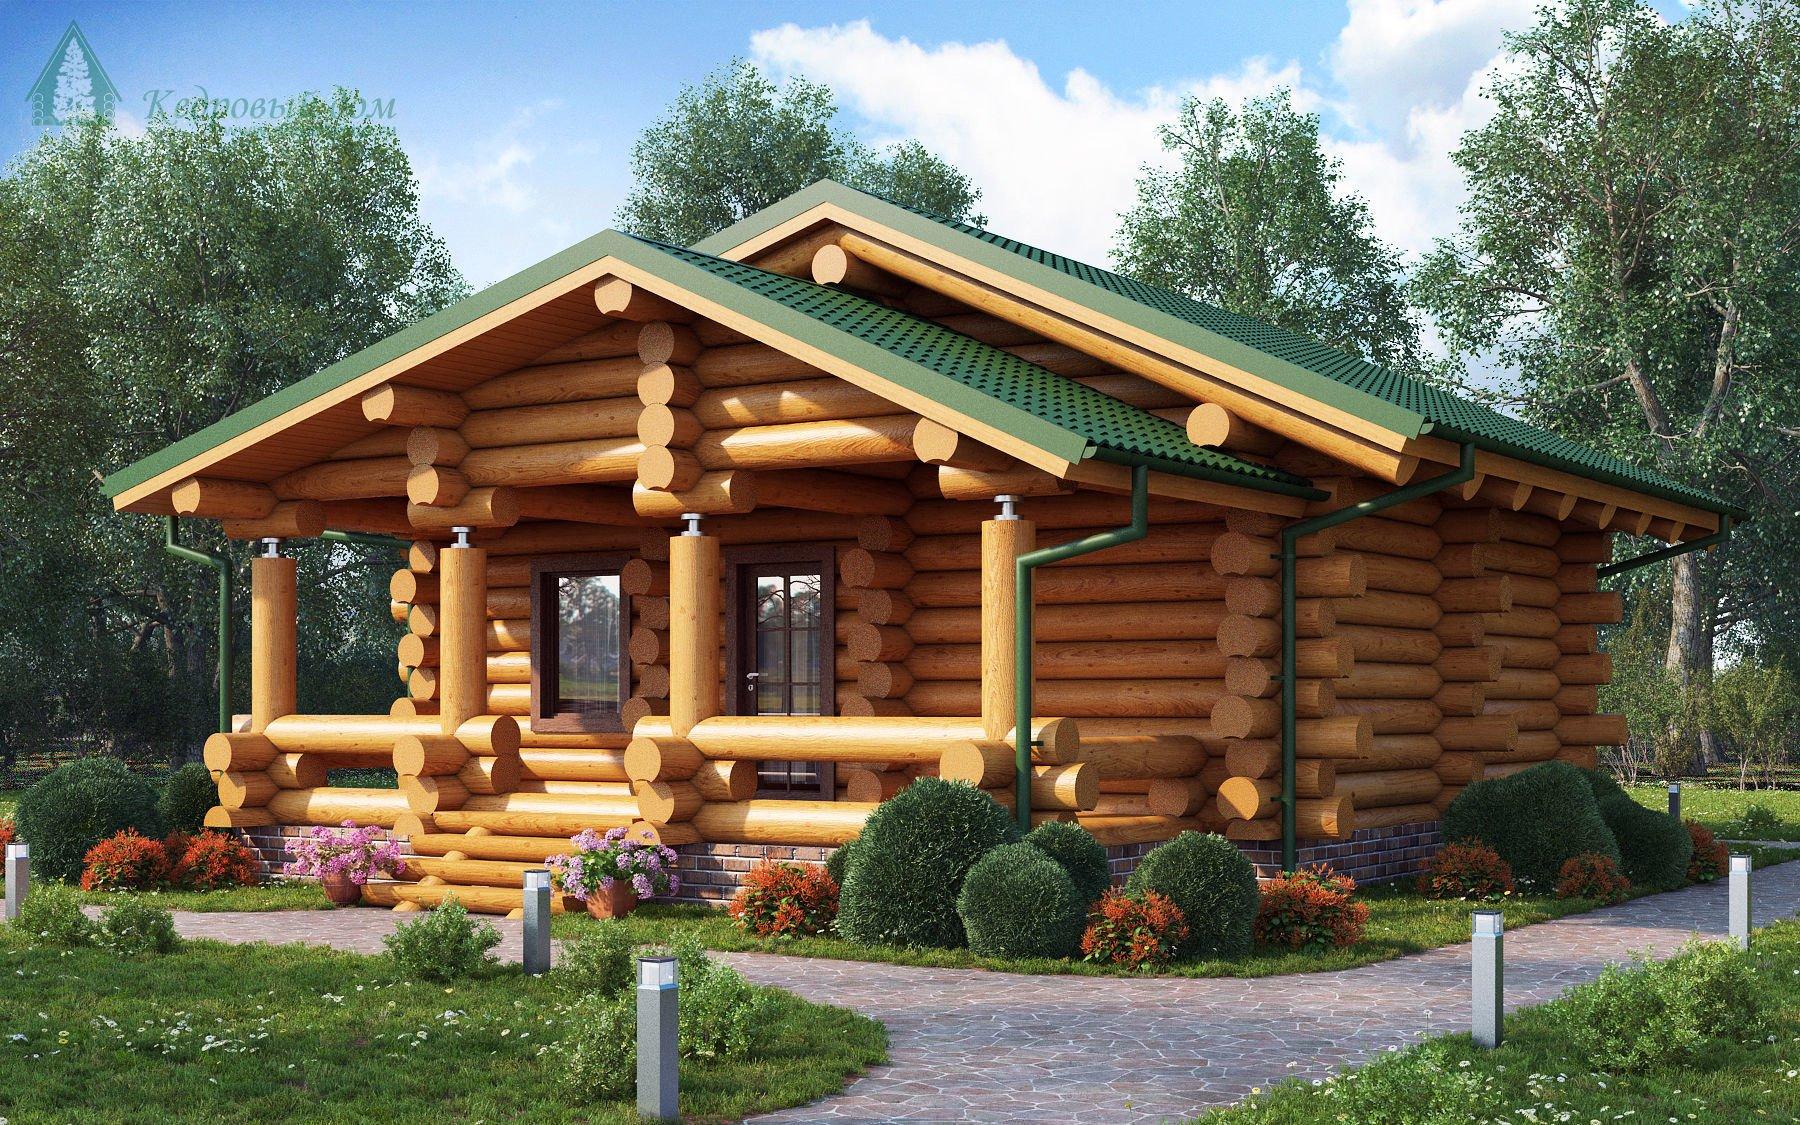 Гринсруб - срубы домов недорого под ключ - срубы домов 6 6 по привлекательным ценам